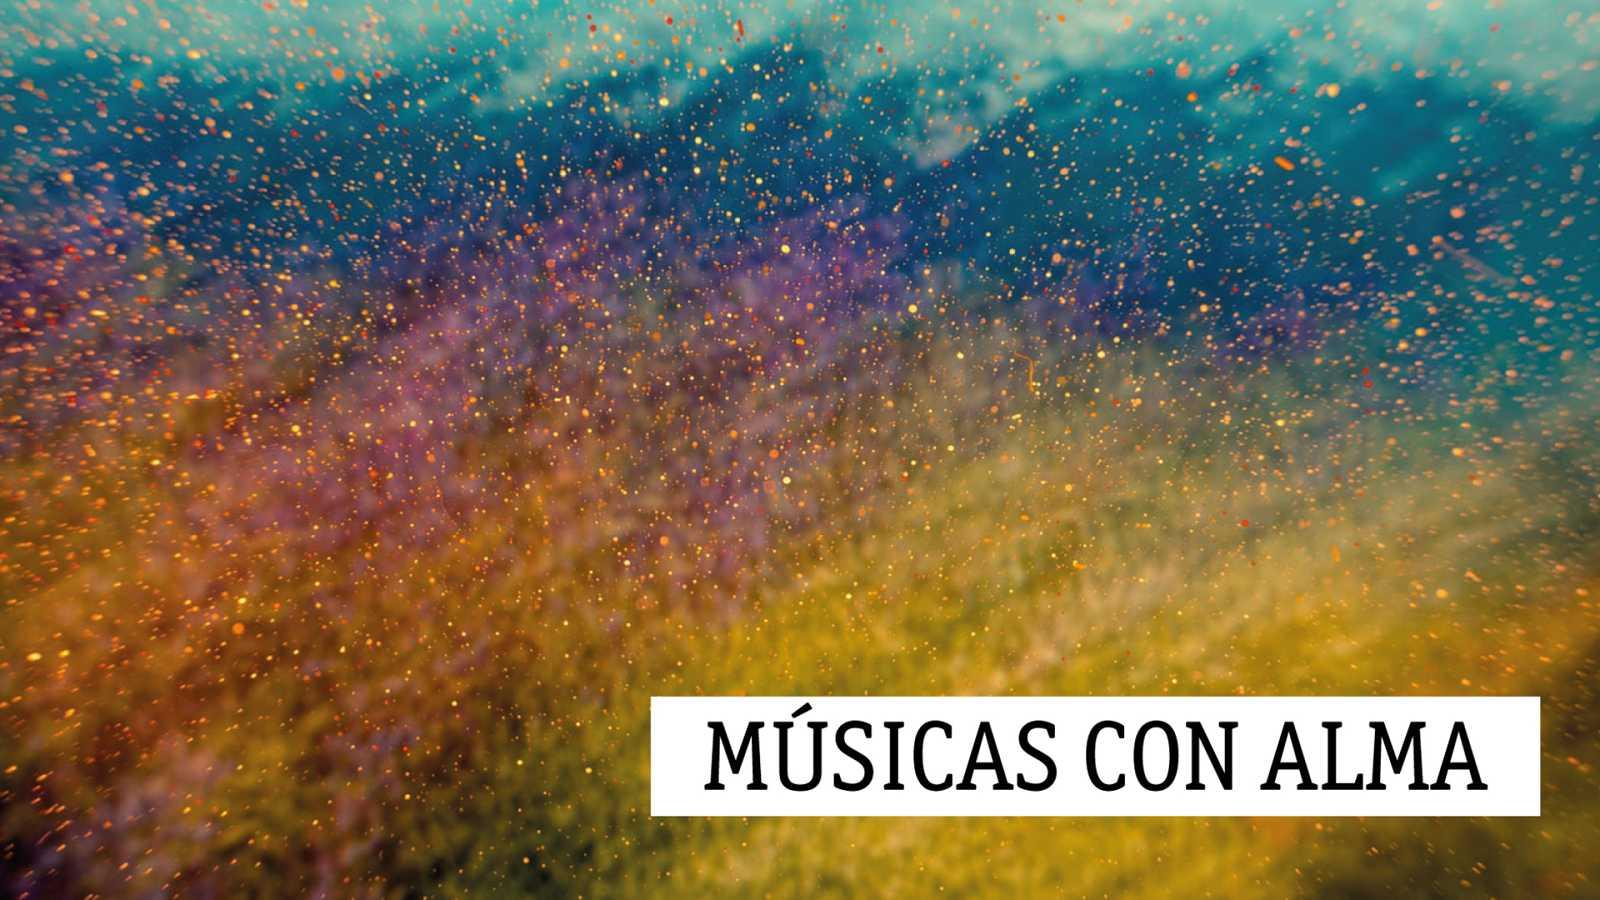 Músicas con alma - Ave Fénix - 24/02/21 - escuchar ahora